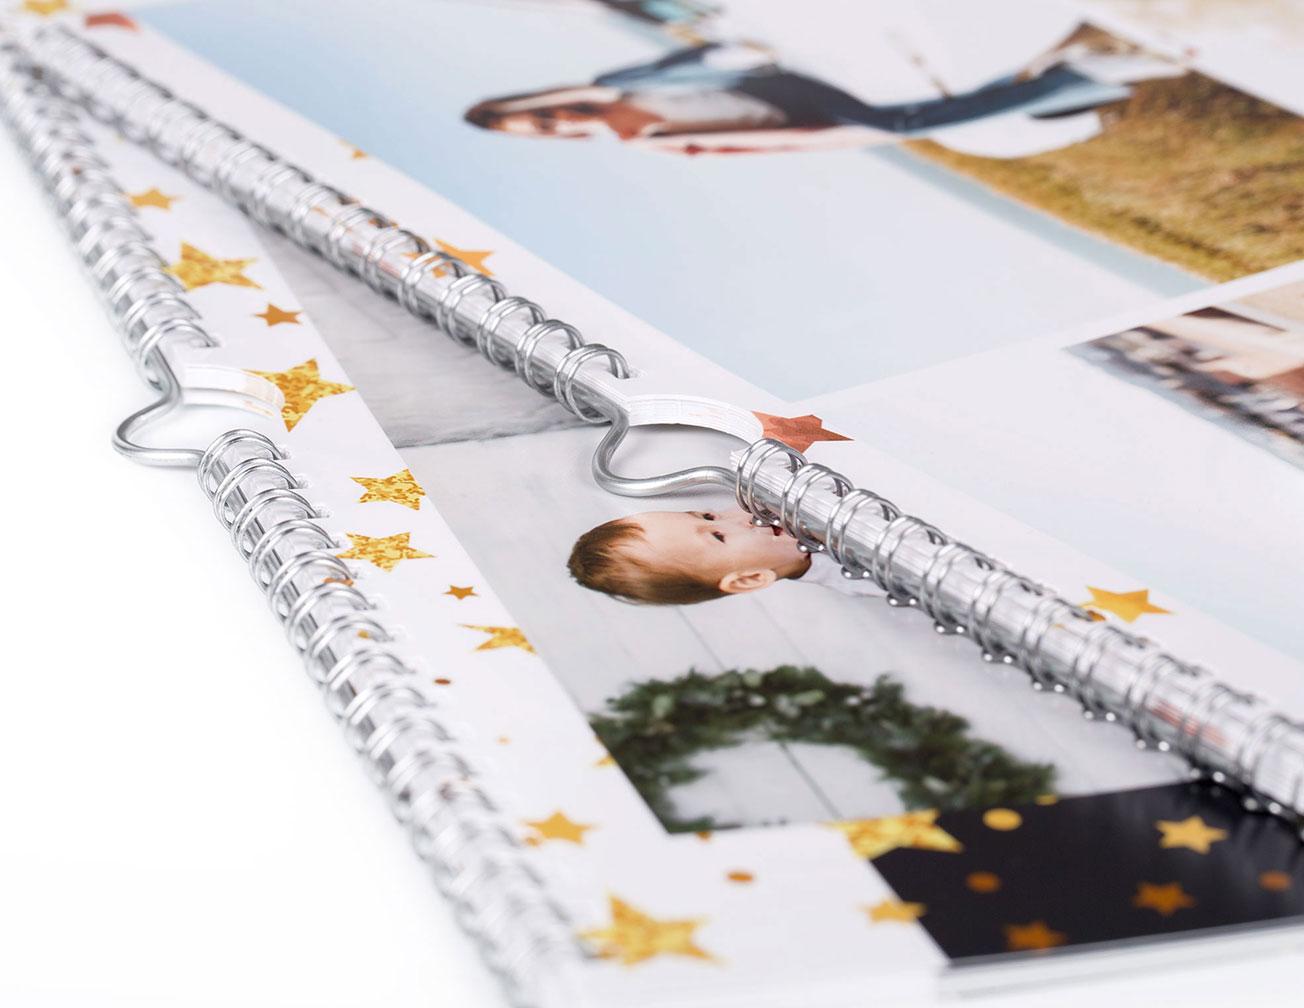 Календарь с фото перекидной А3 Royal: изготовление и печать на заказ в NetPrint